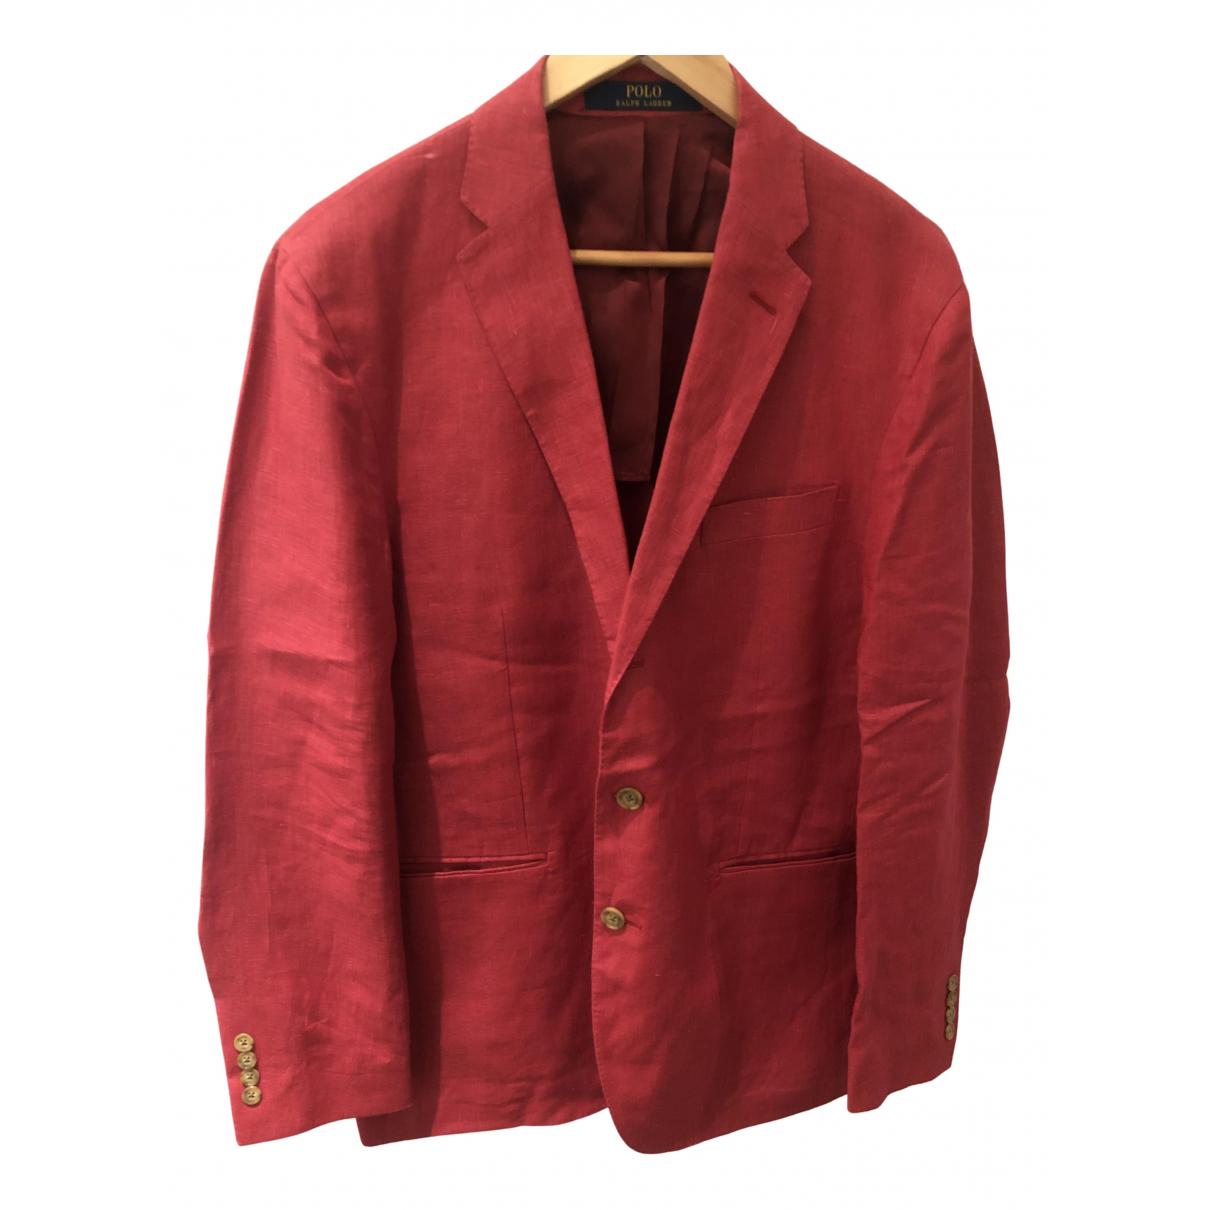 Polo Ralph Lauren - Vestes.Blousons   pour homme en lin - rose